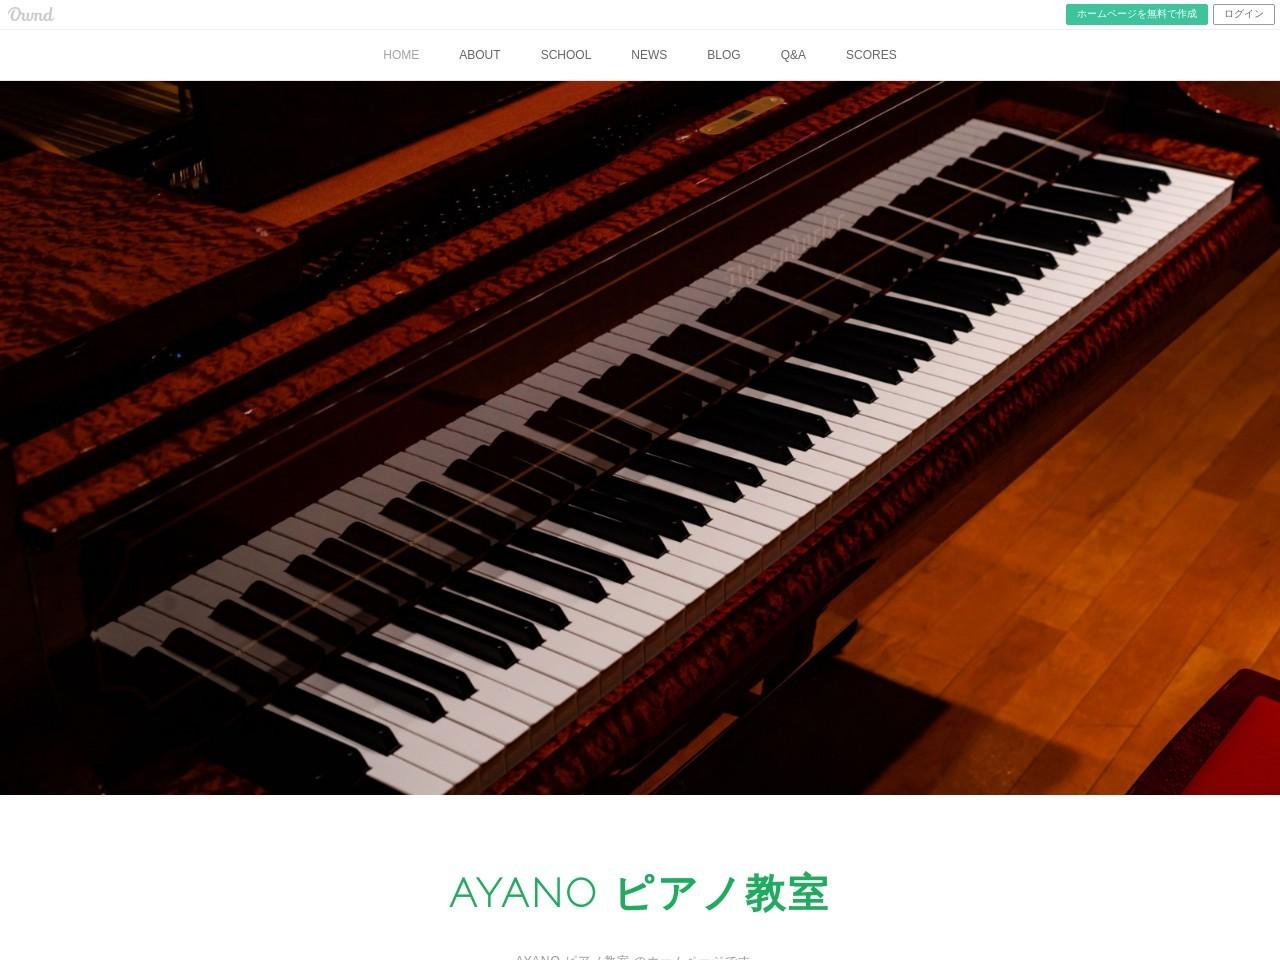 AYANOピアノ教室のサムネイル